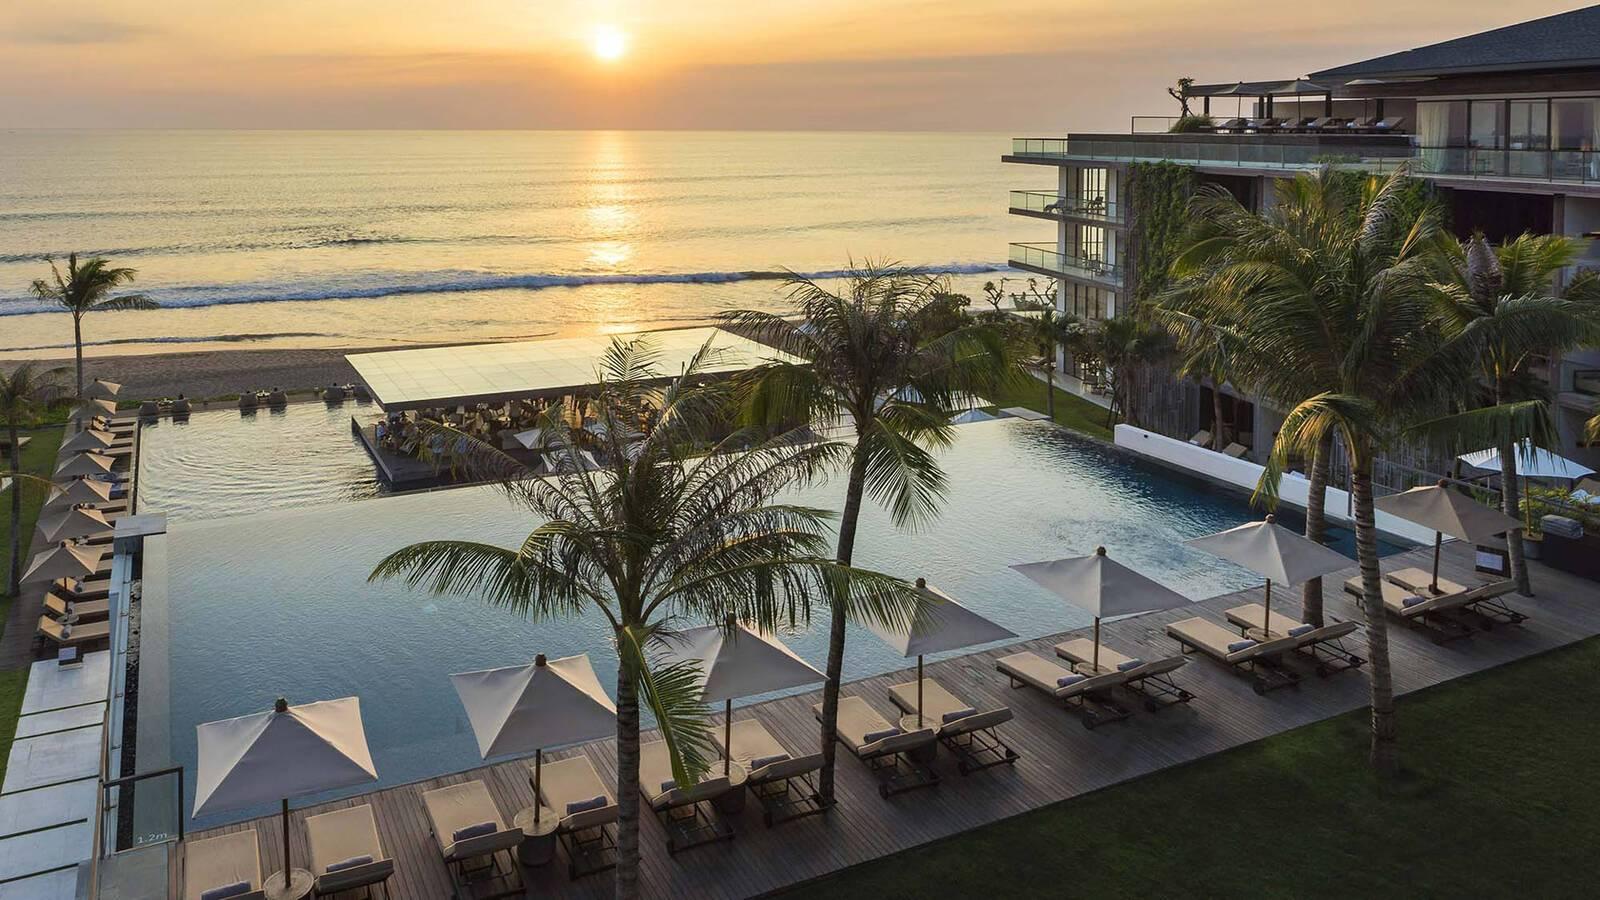 Alila Seminyak Bali Piscine